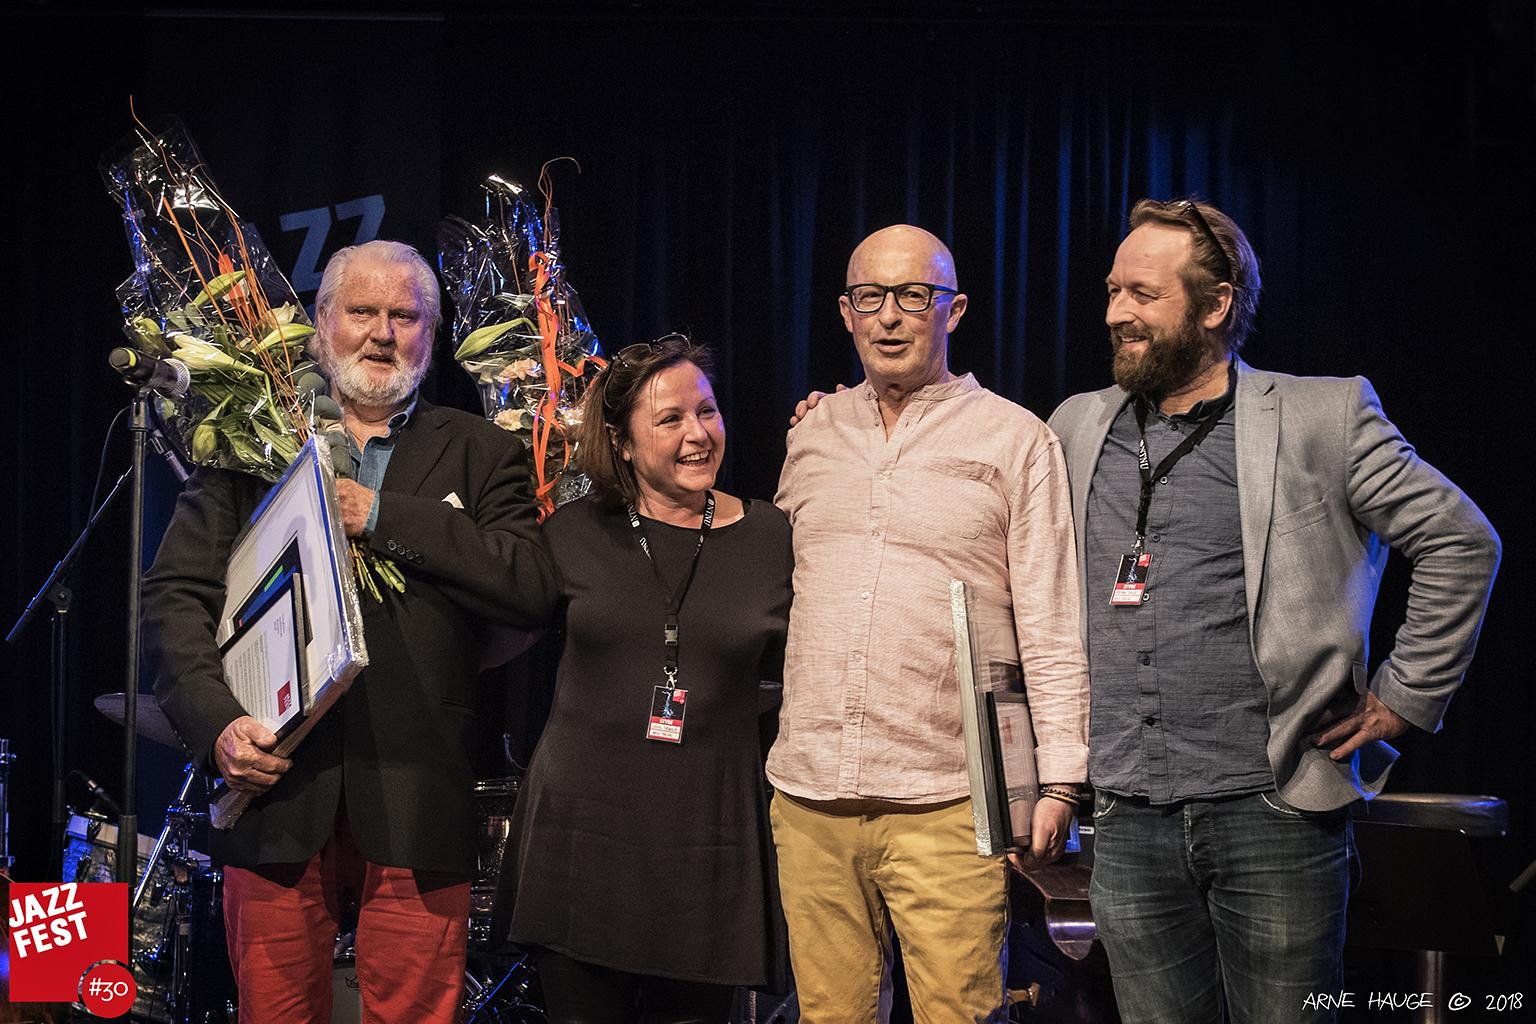 180510_Jazzfest Ærespris @ Dokkhuset_001.jpg